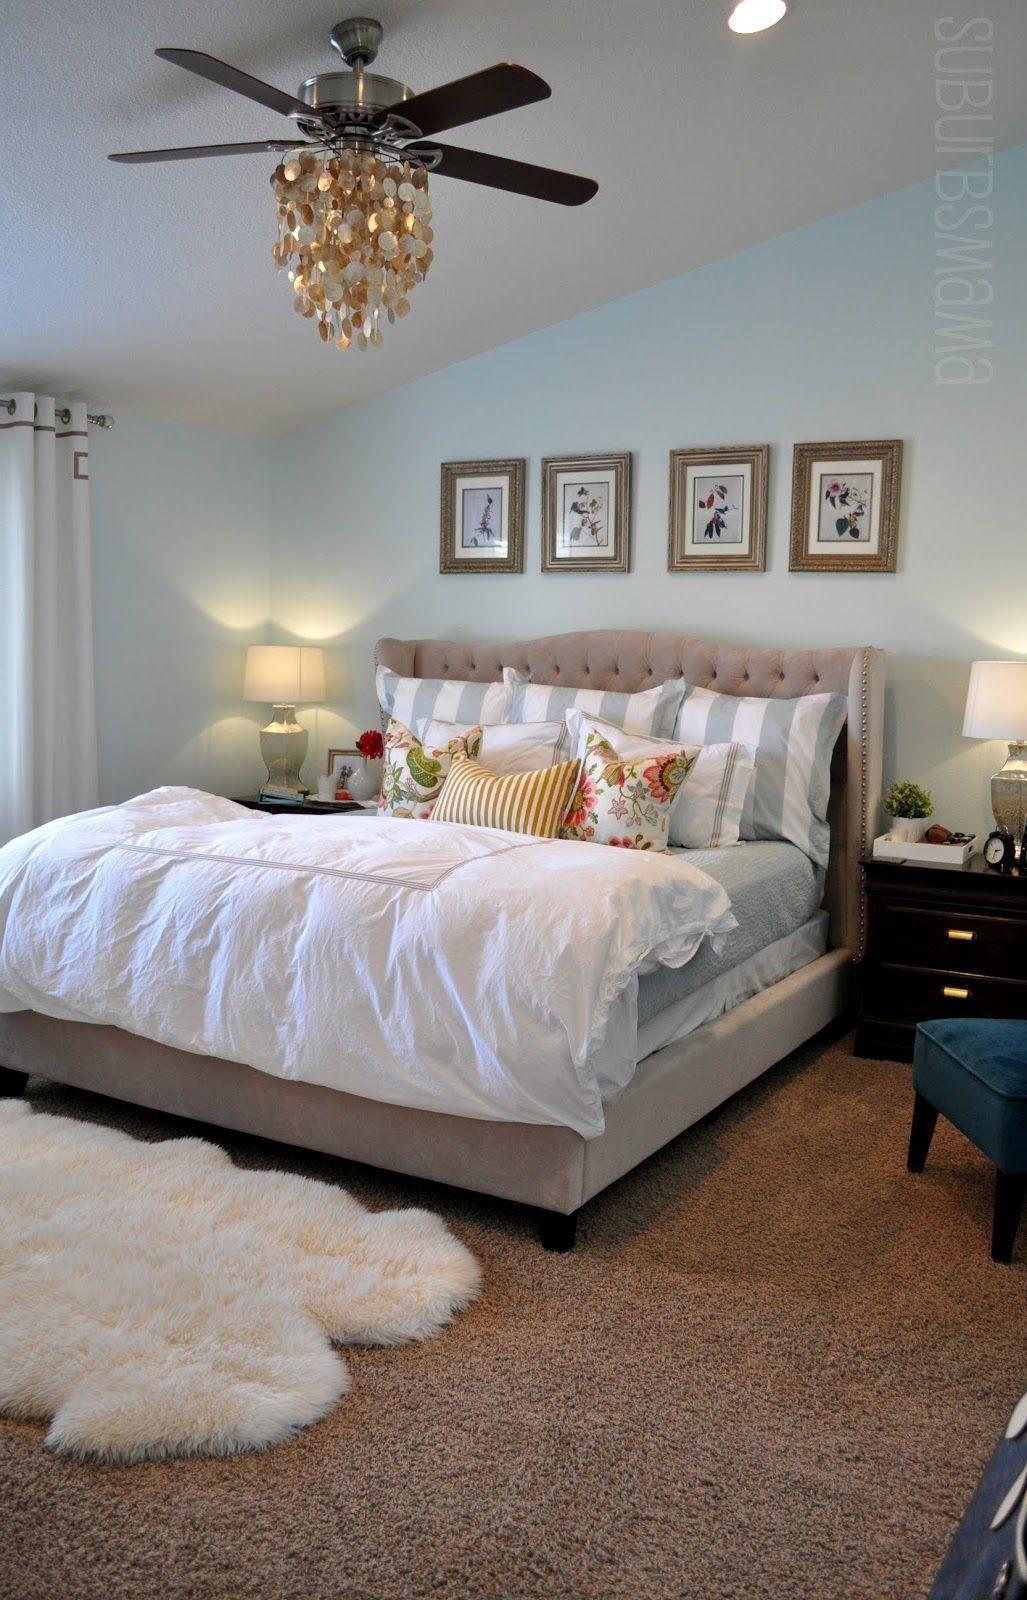 Master Bedroom Makeover wall paint color is Valspar Cool Elegance ...